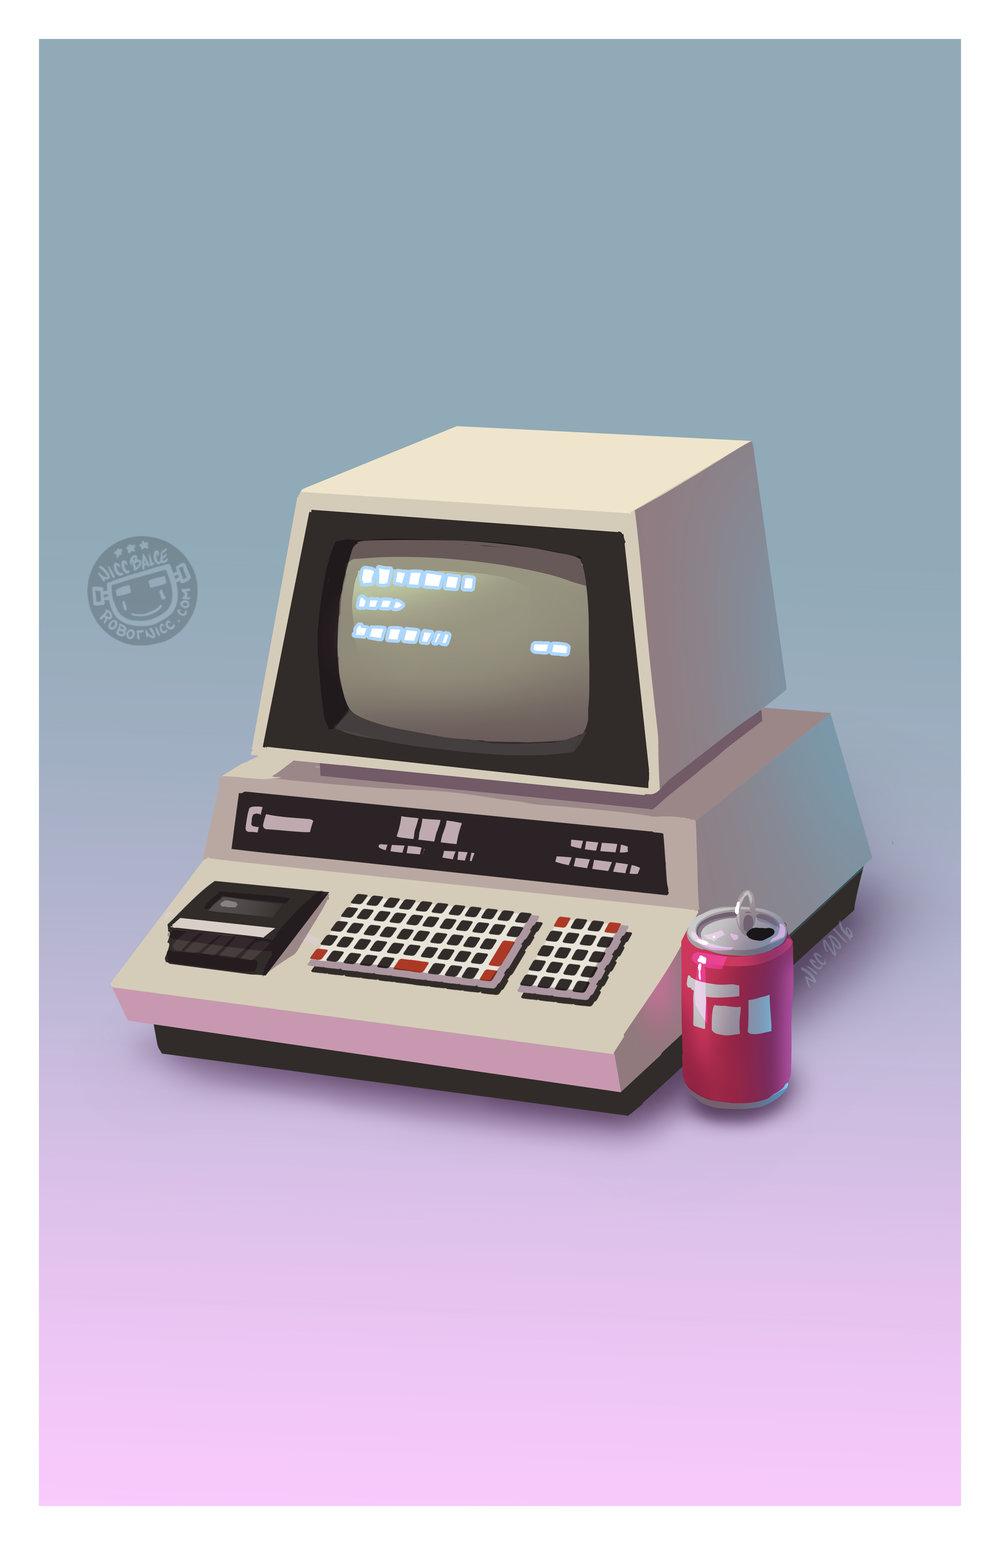 Computers 002.jpg